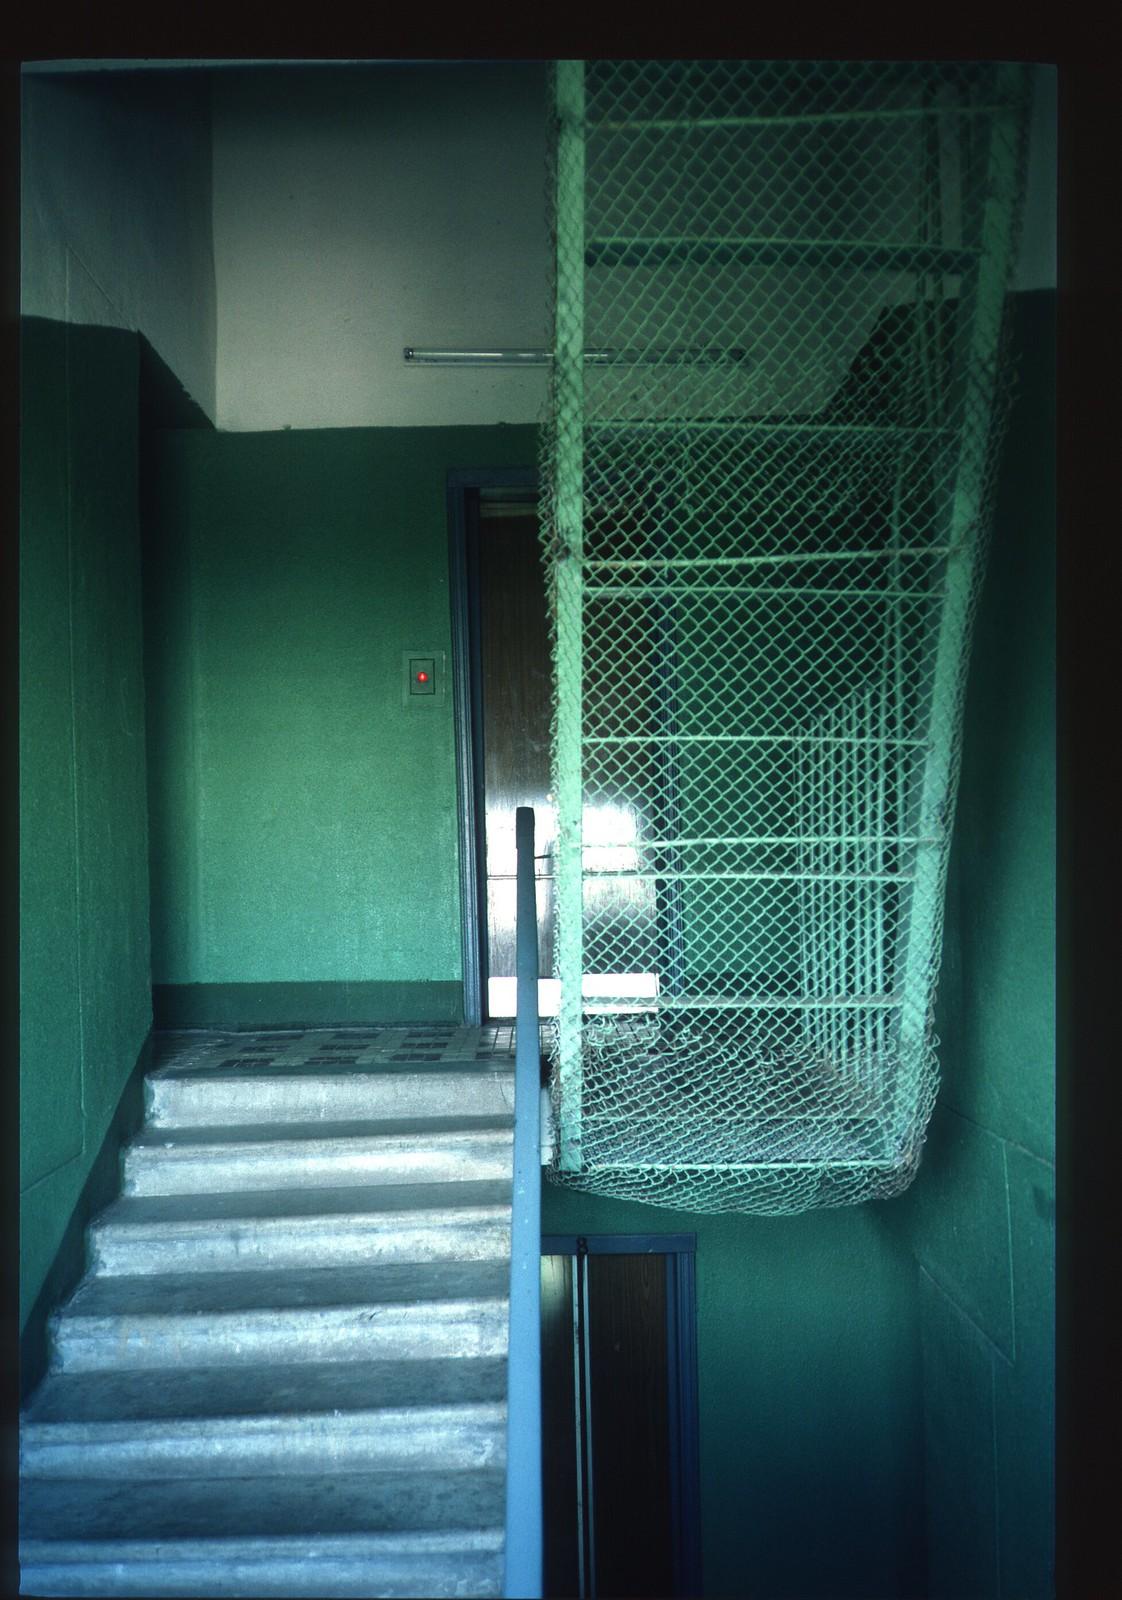 Матвеевское. «Круглый дом». Лестница на крышу